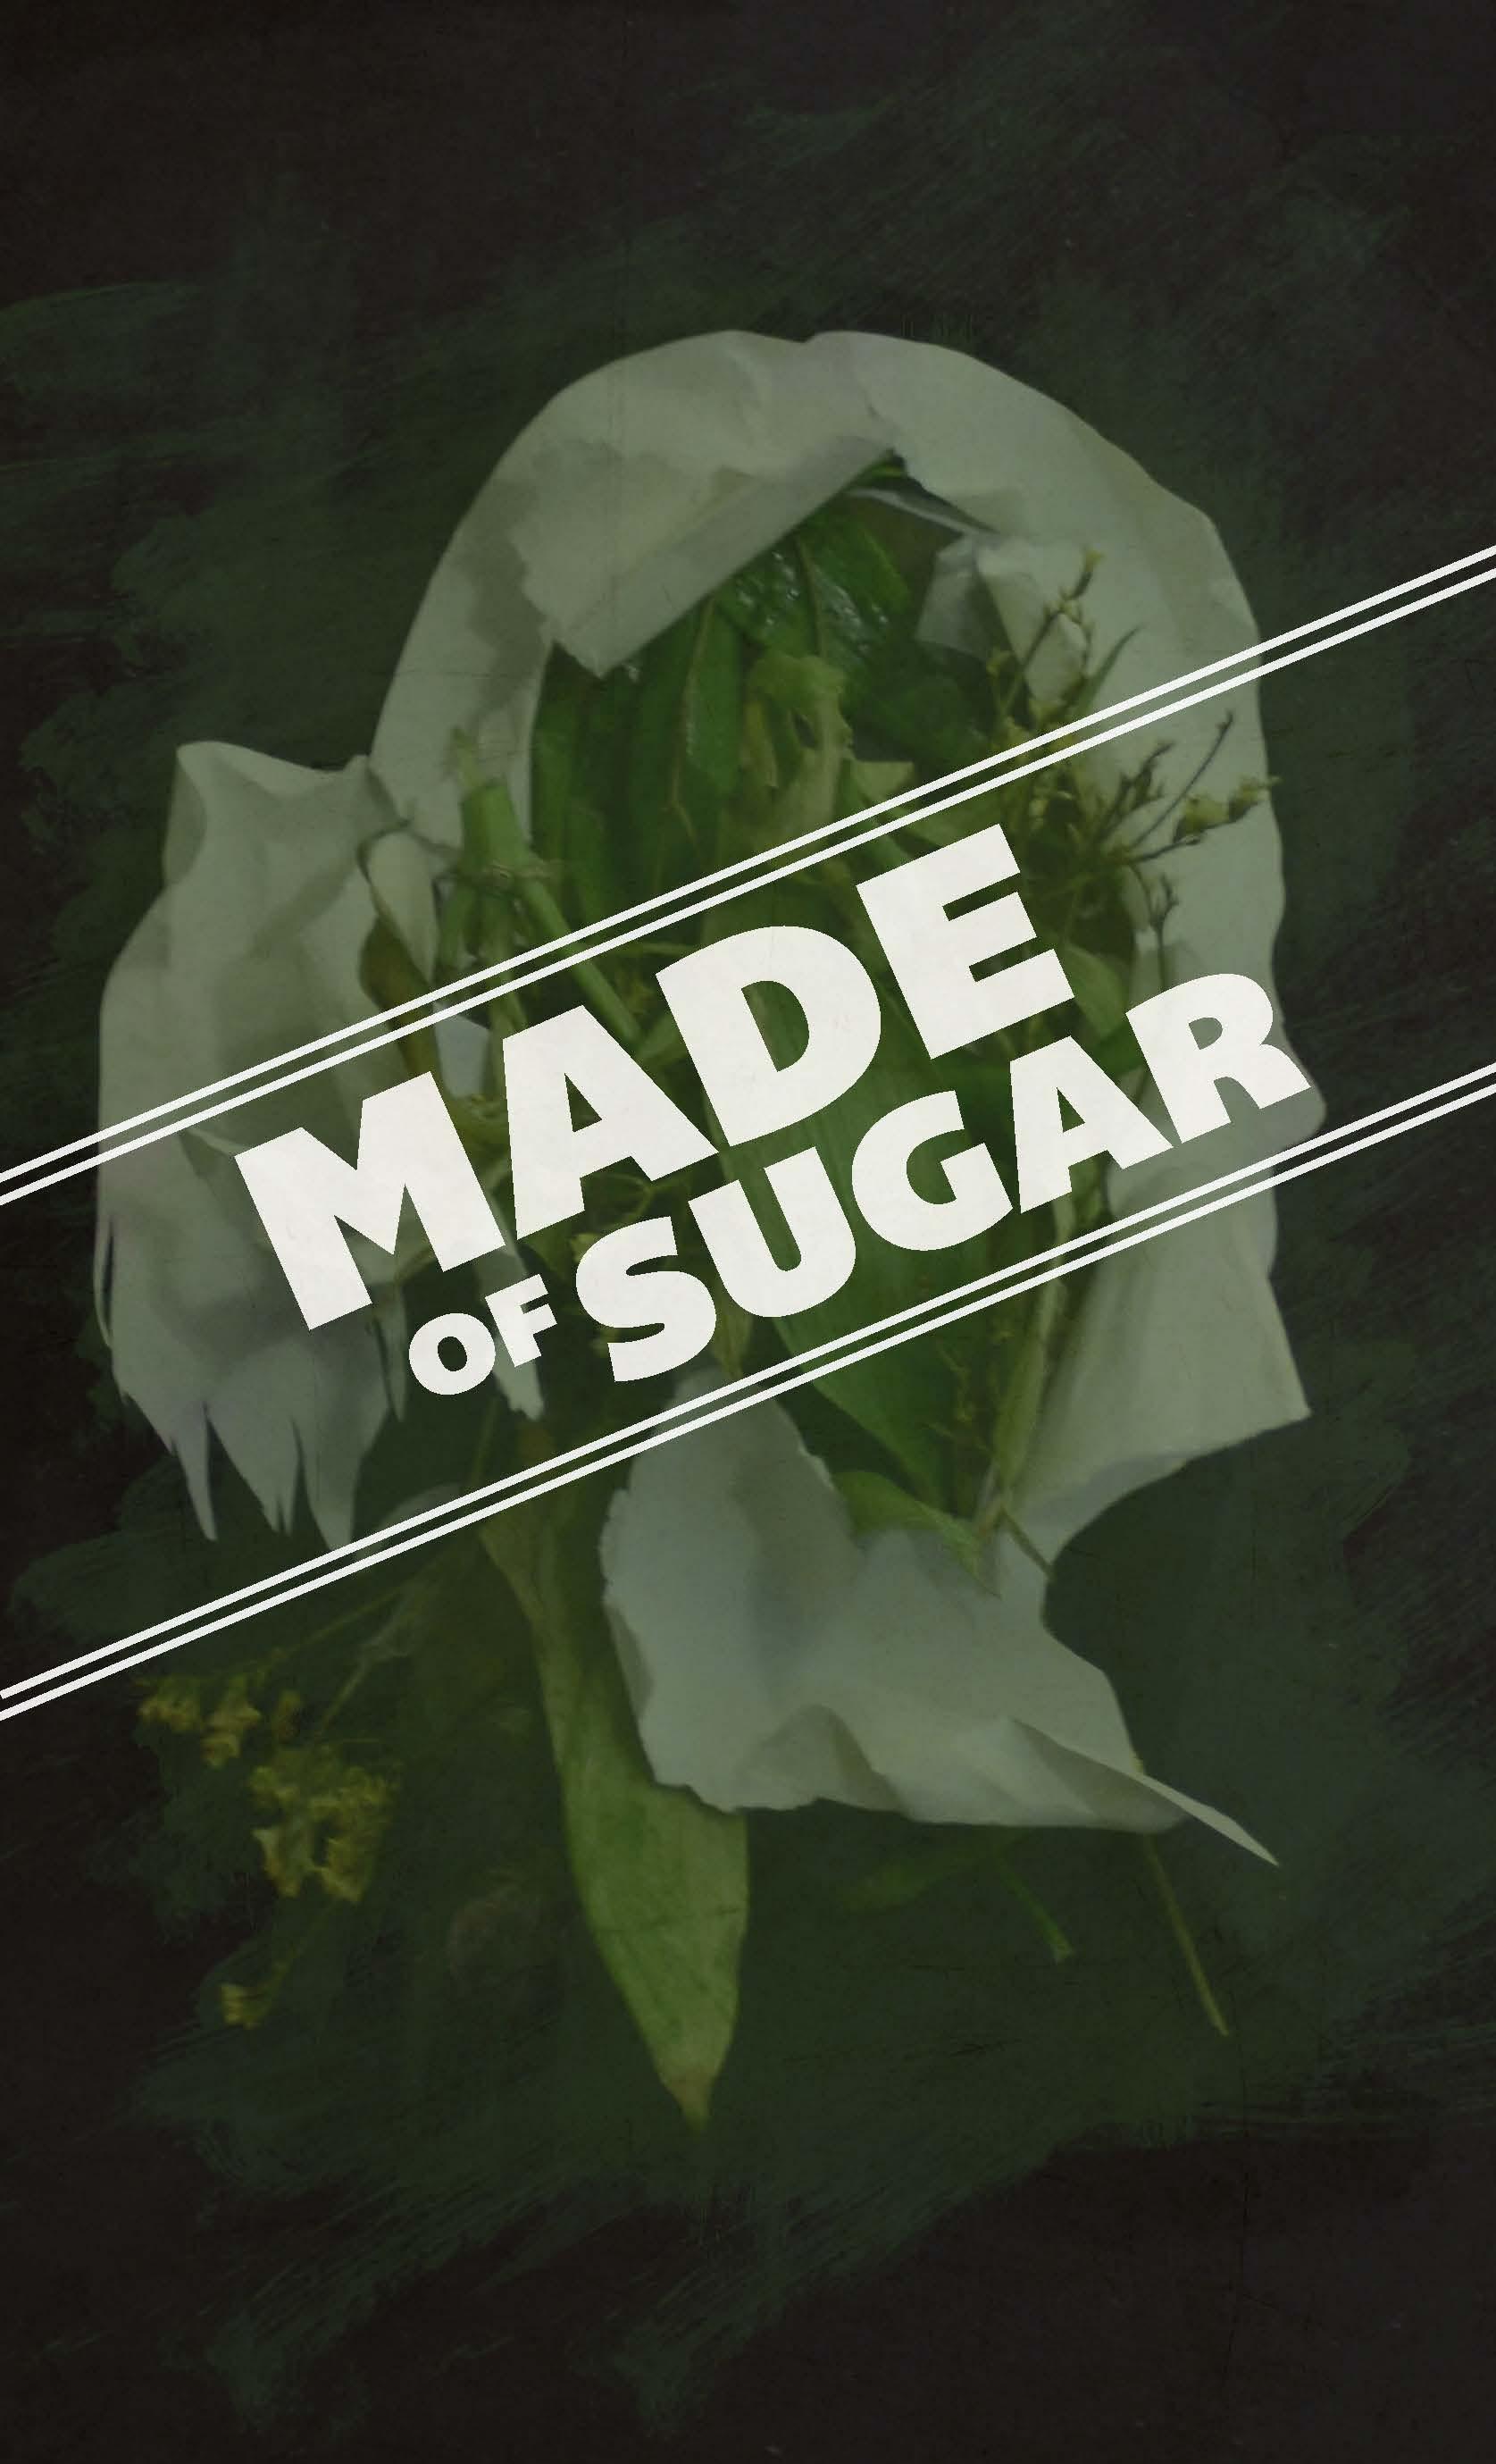 Made of Sugar